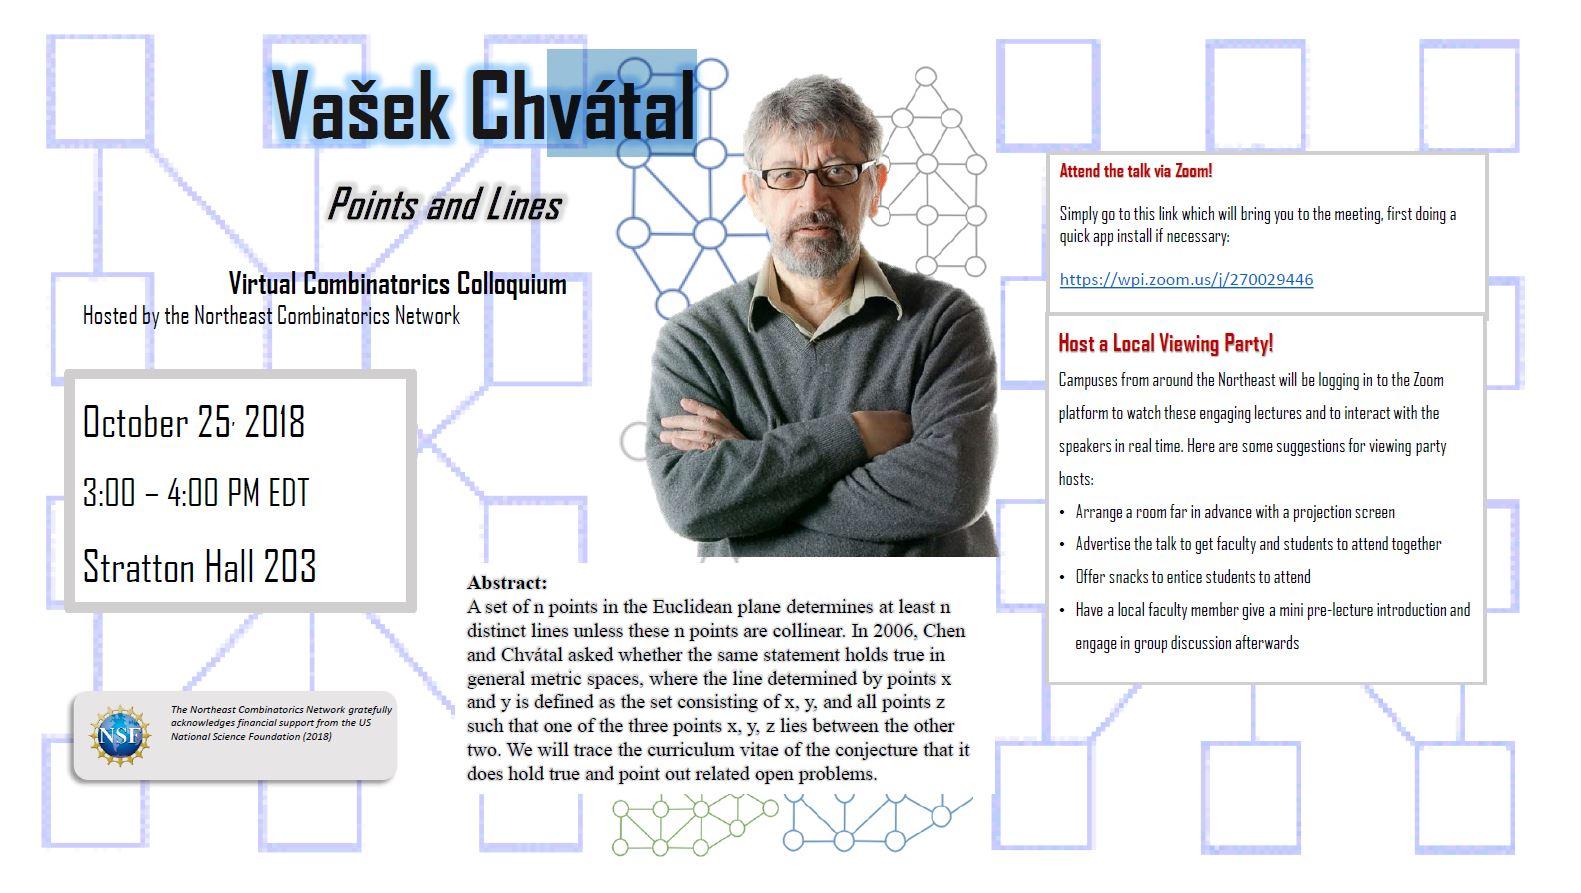 Virtual Combinatorics Colloquium